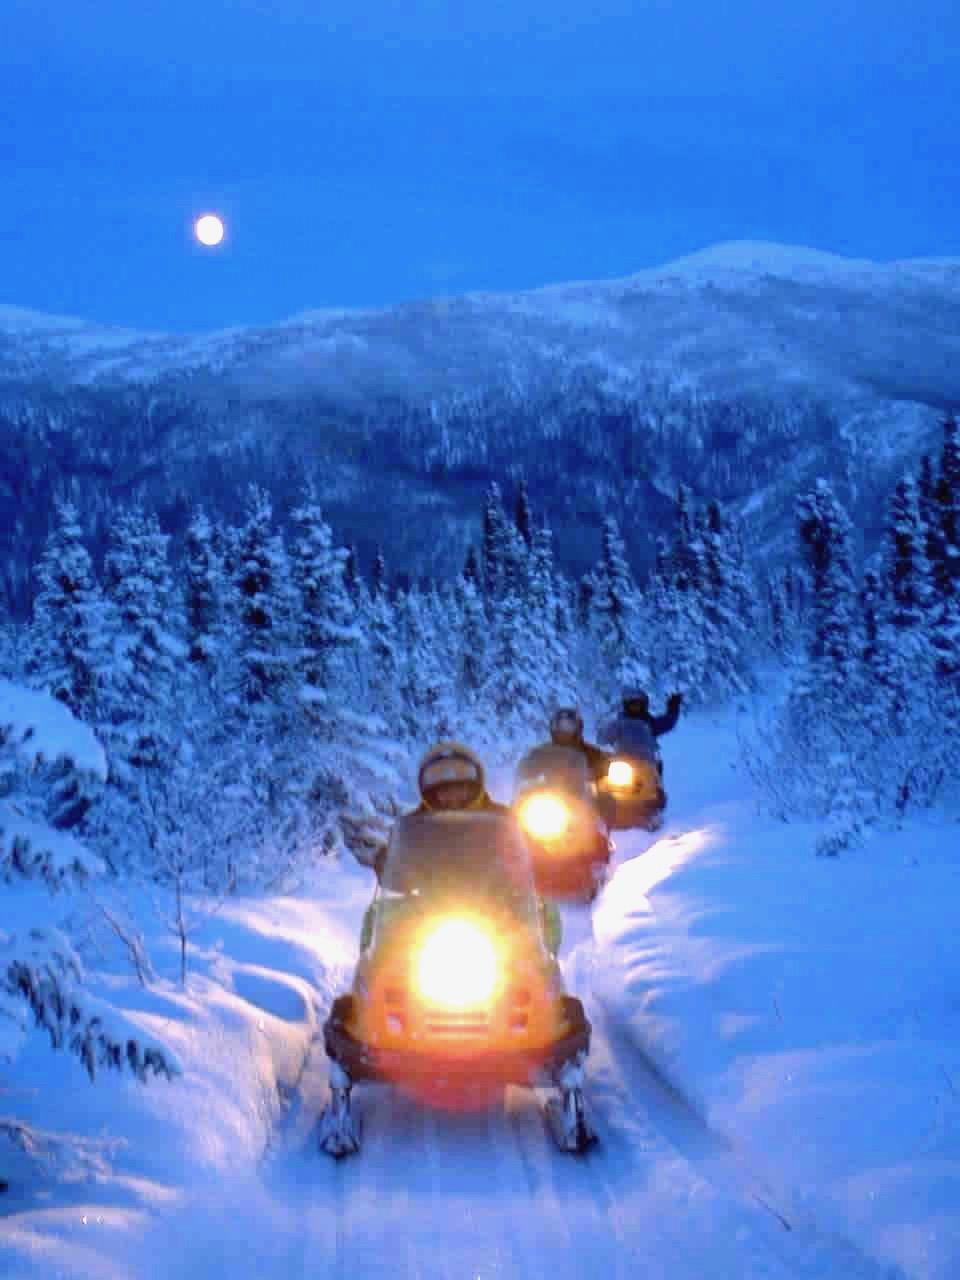 冬季乐趣旅行套装